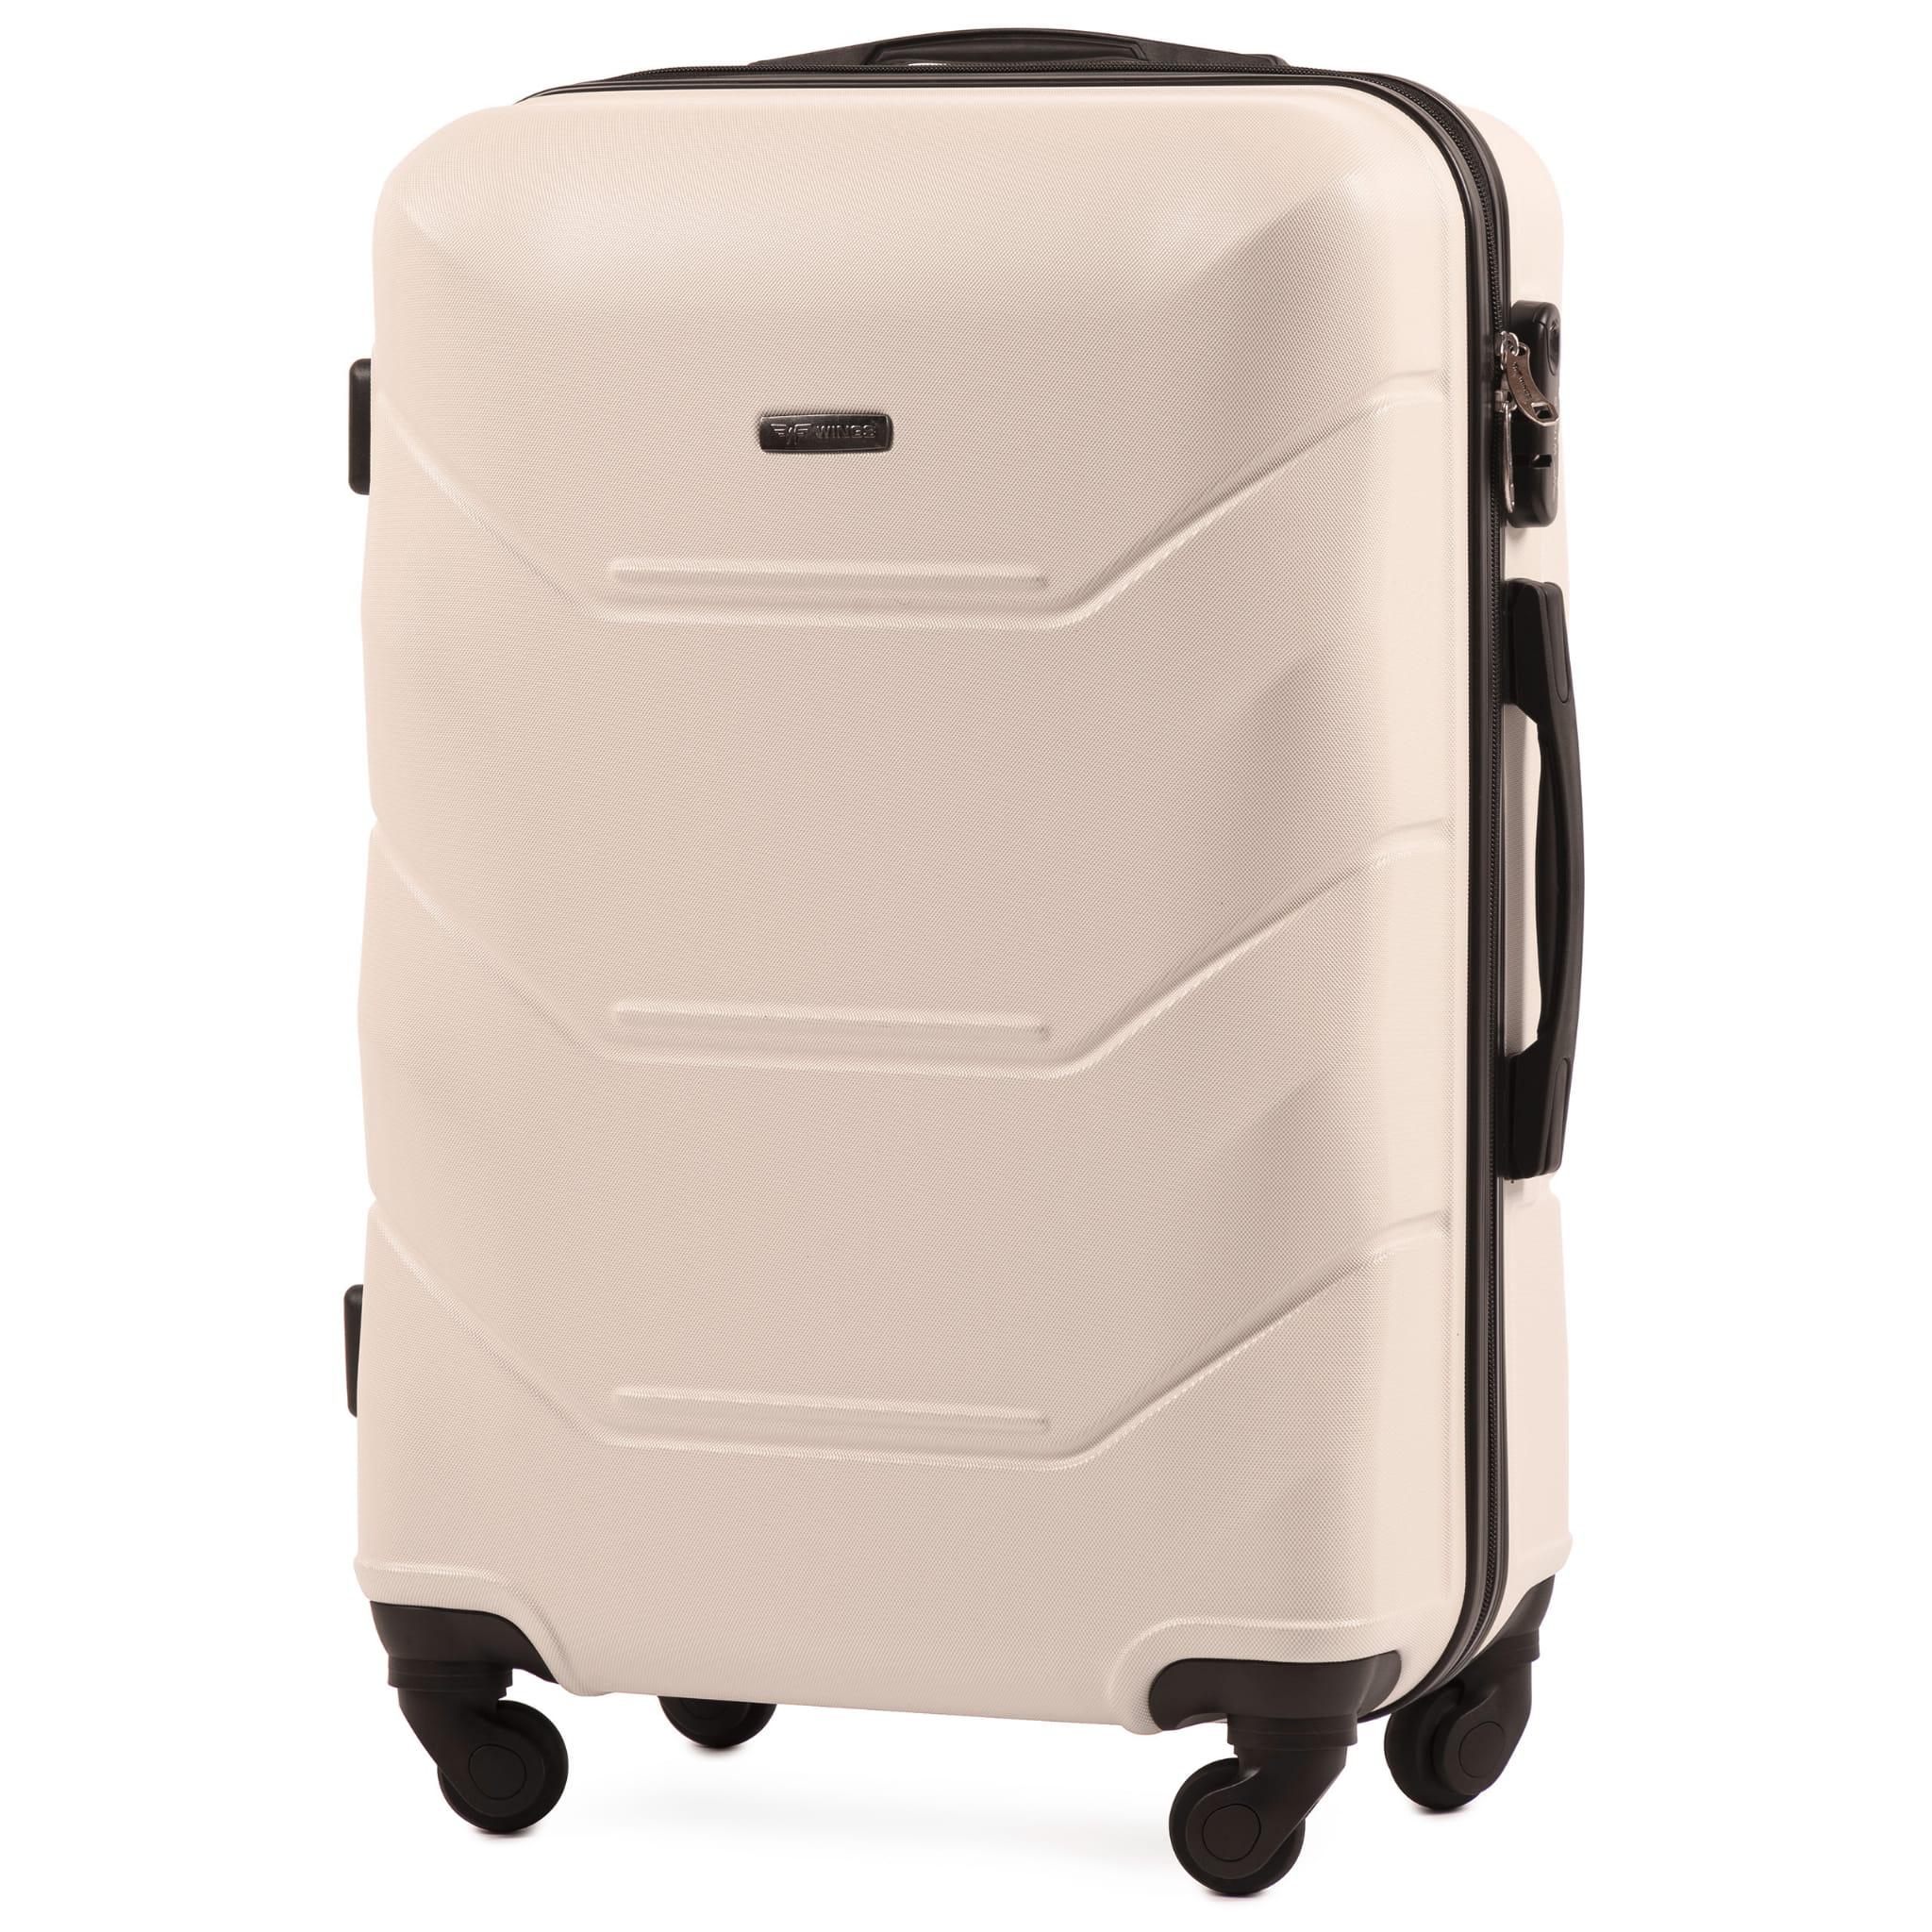 СРЕДНИЙ ЧЕМОДАН WINGS 147 M BLACK PREMIUM НА 4-Х КАУЧУКОВЫХ КОЛЕСАХ! Для багажа ,до 18 кг